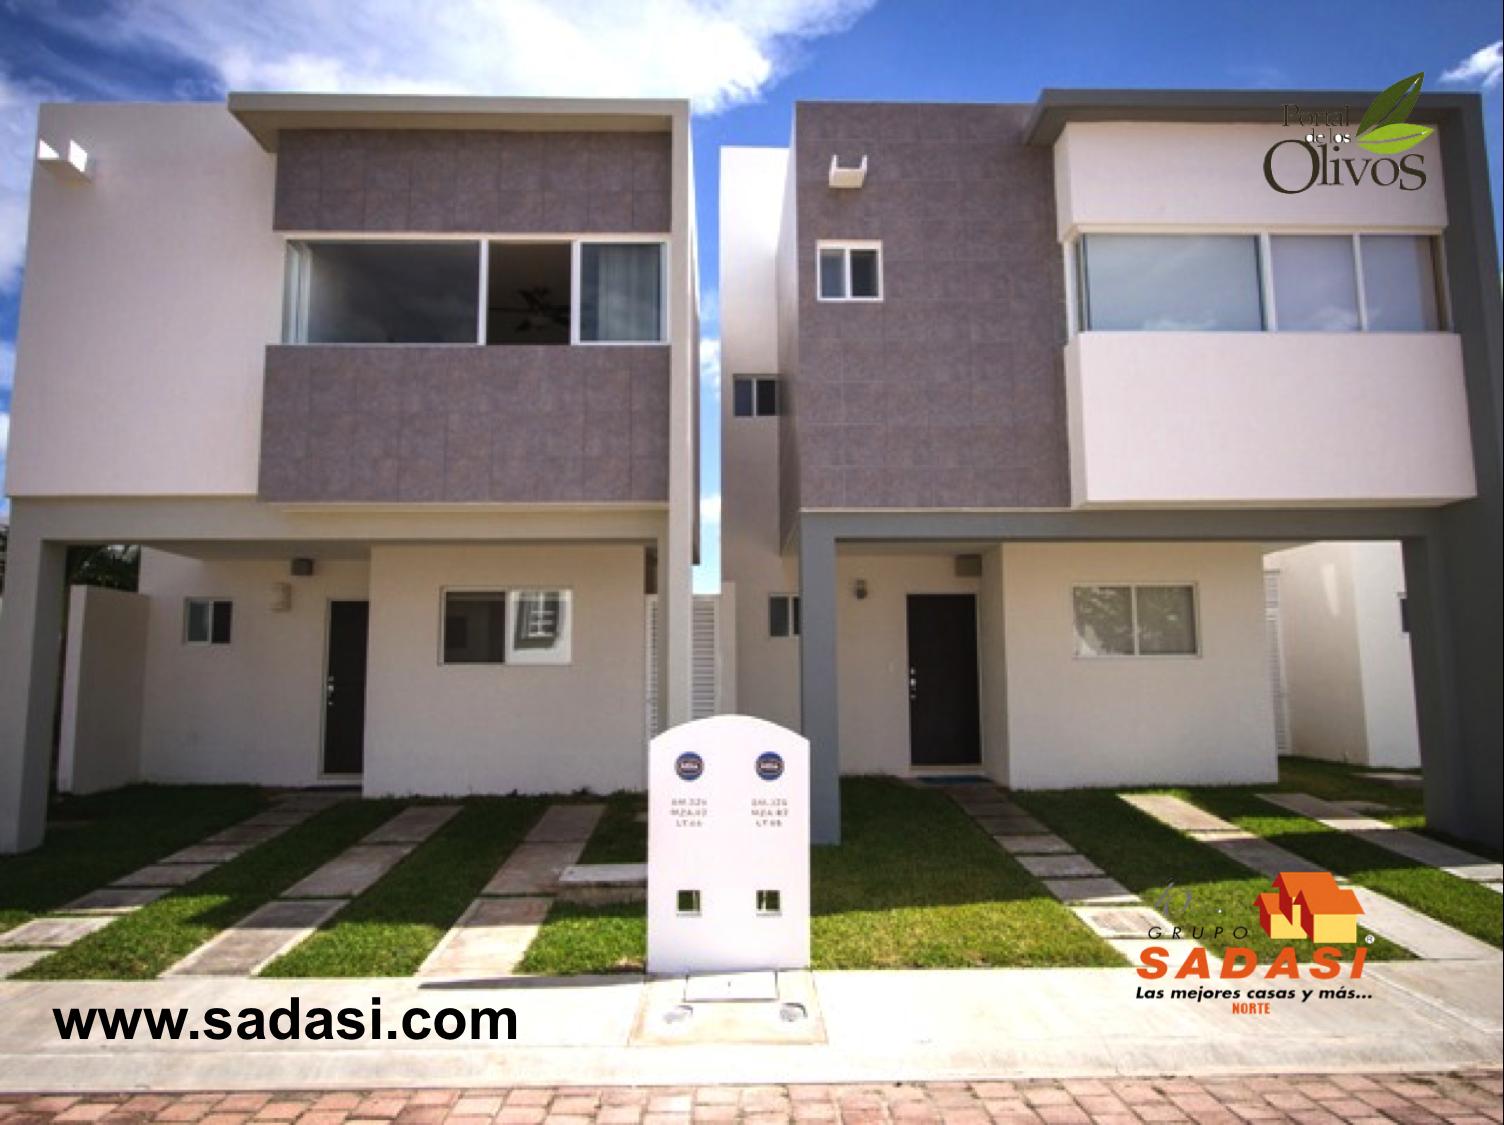 Conjuntosintegrales las mejores casas de m xico en portal de los olivos ubicado en ciudad - Precio proyecto casa 120 m2 ...